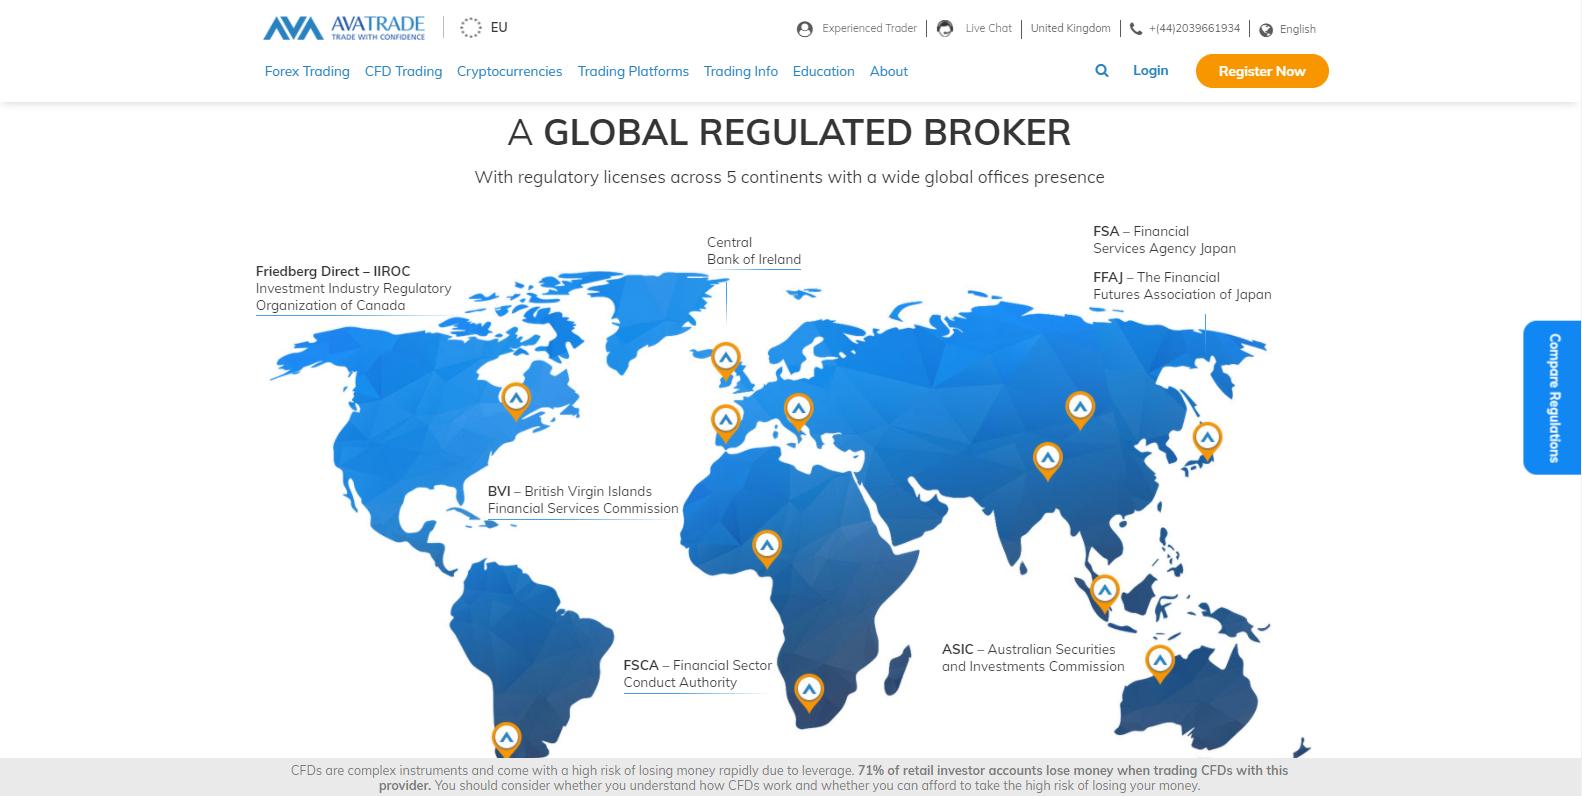 AvaTrade regulators